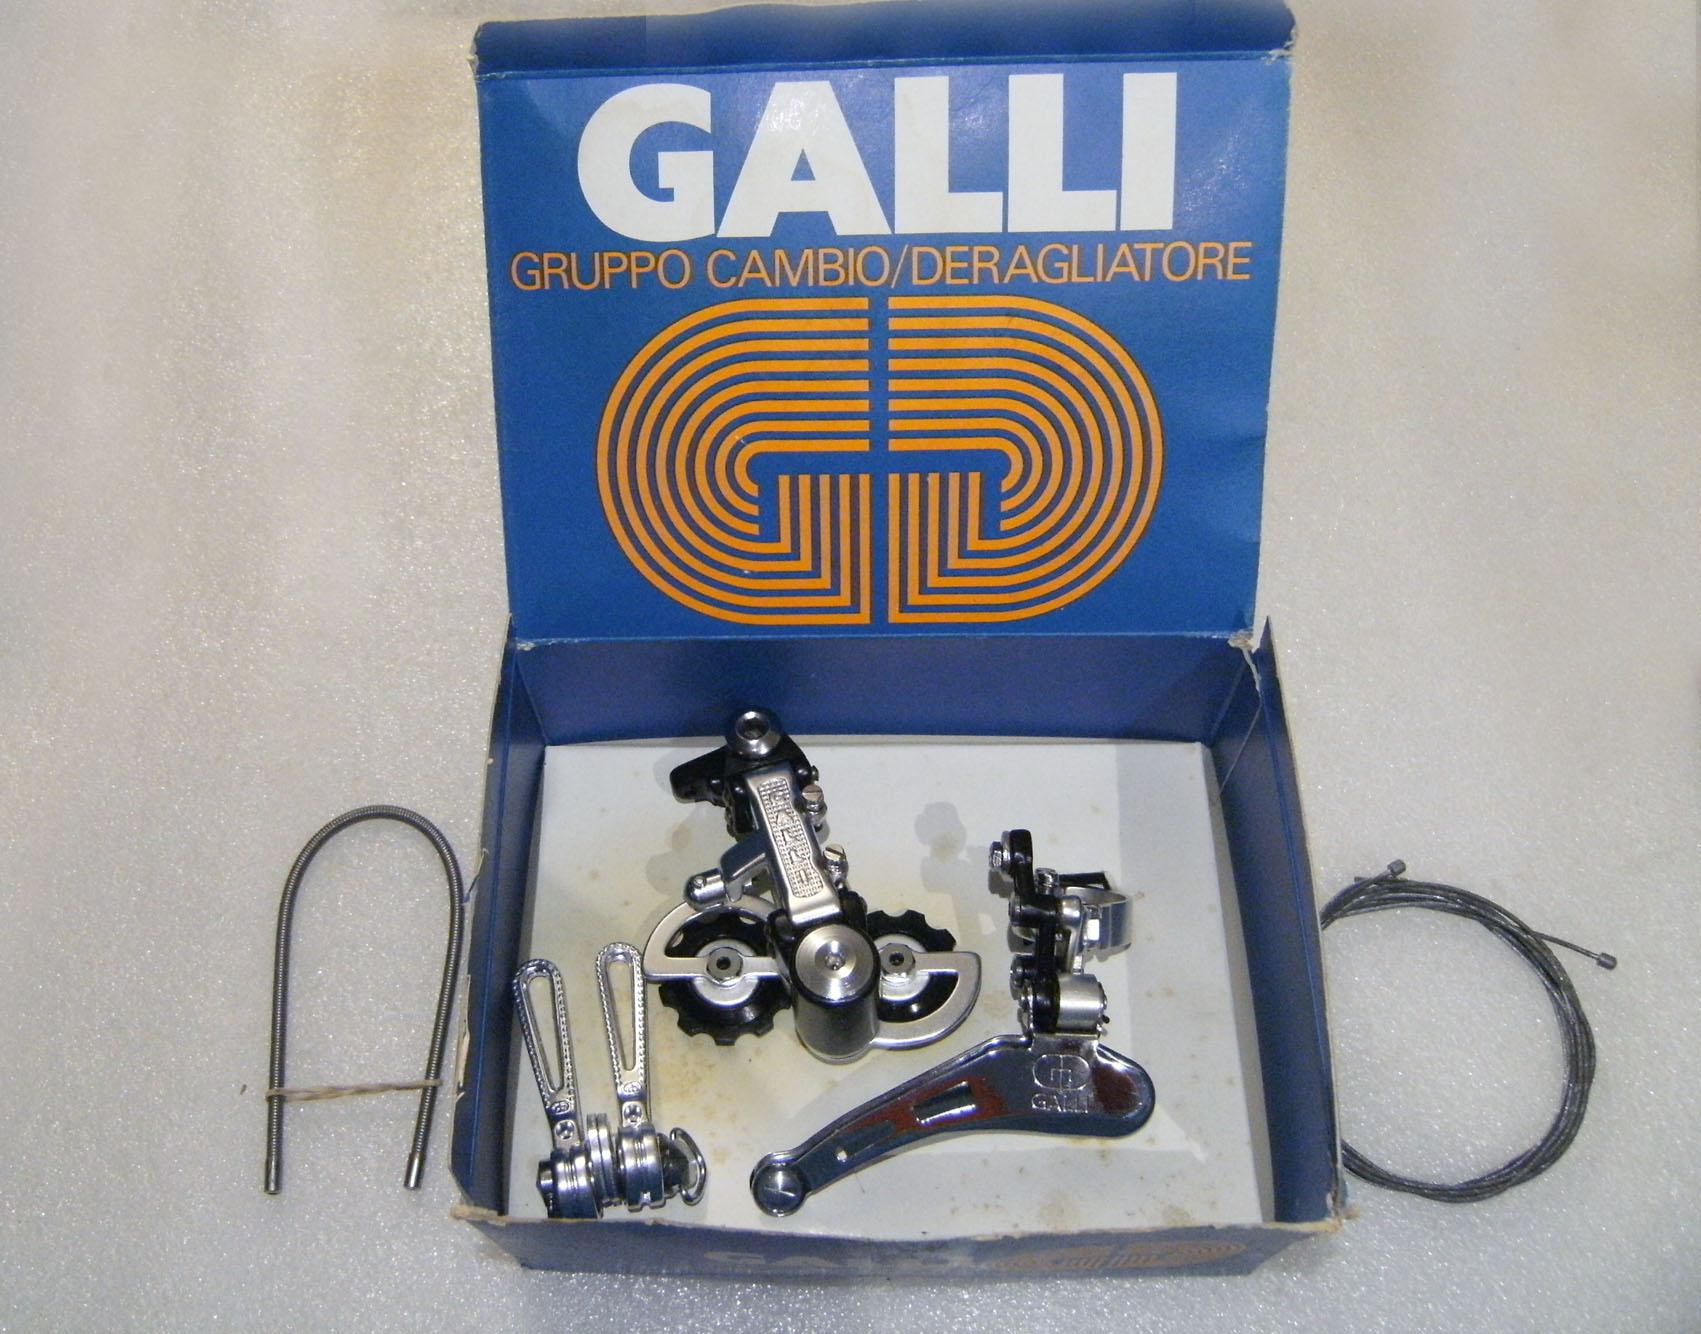 Galli Criterium gruppo cambio, SchaltSet, derailleur set (1).jpg